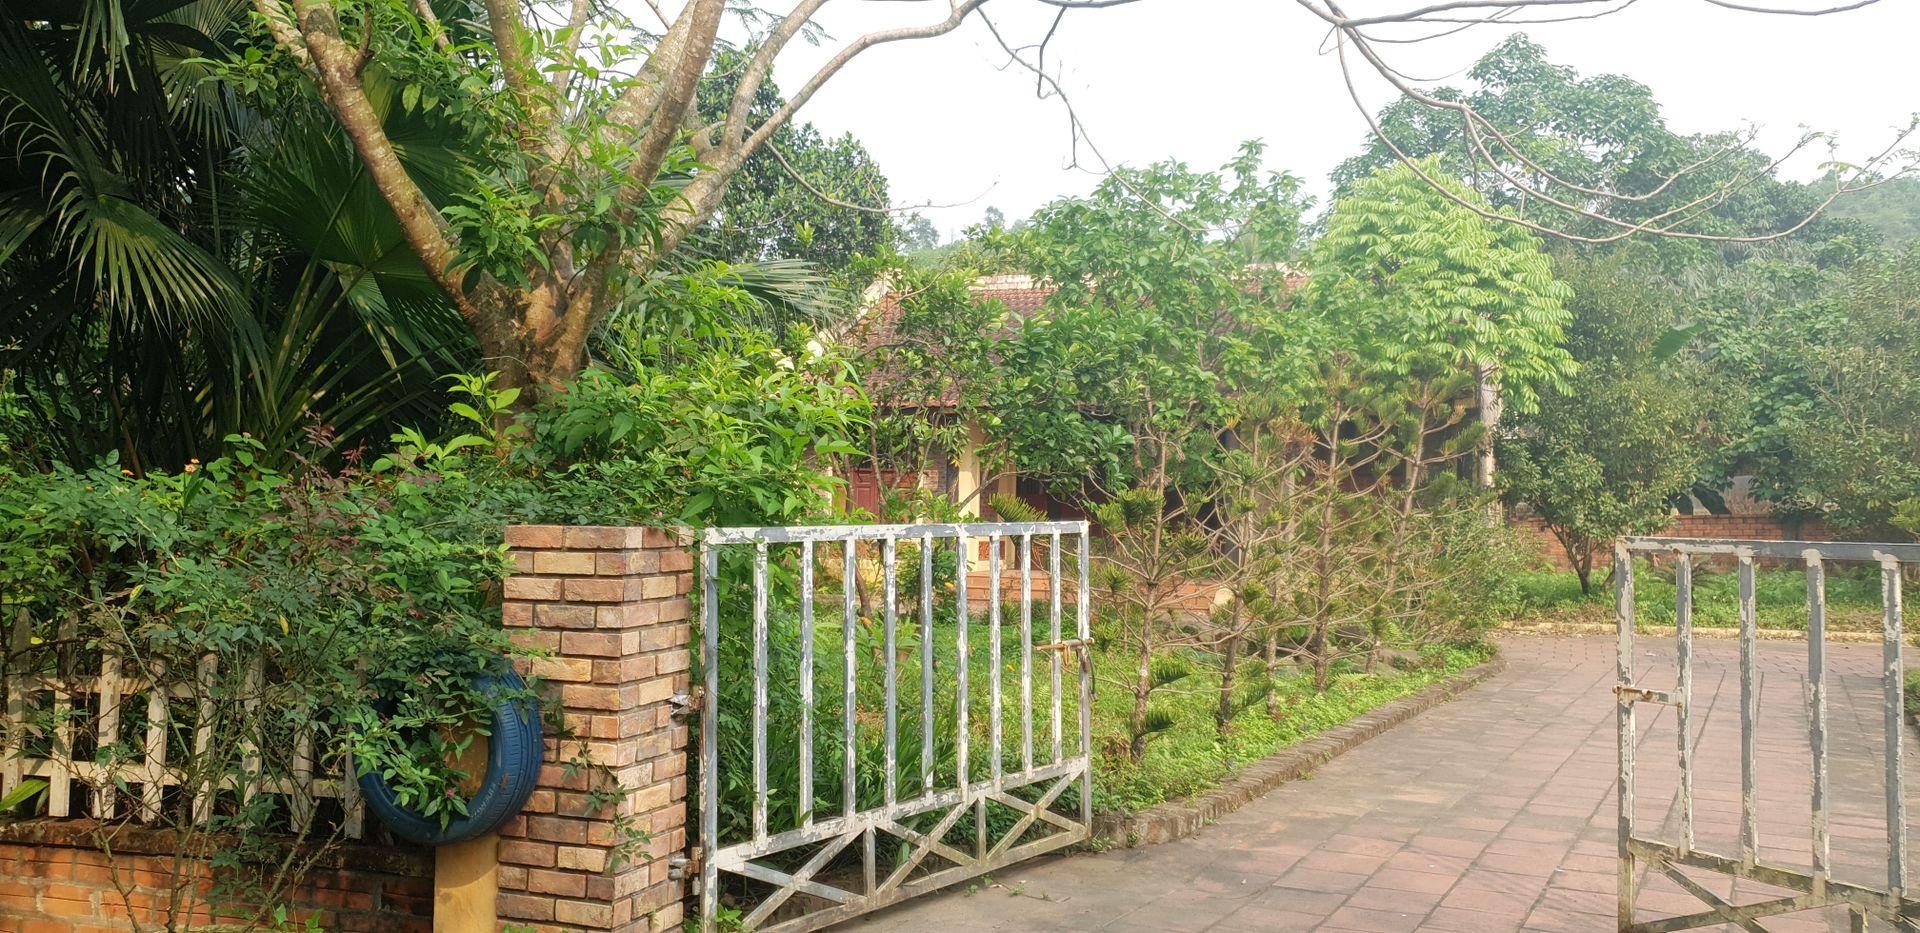 khong-gian-family-resort-homestay-ba-vi-ha-noi-05